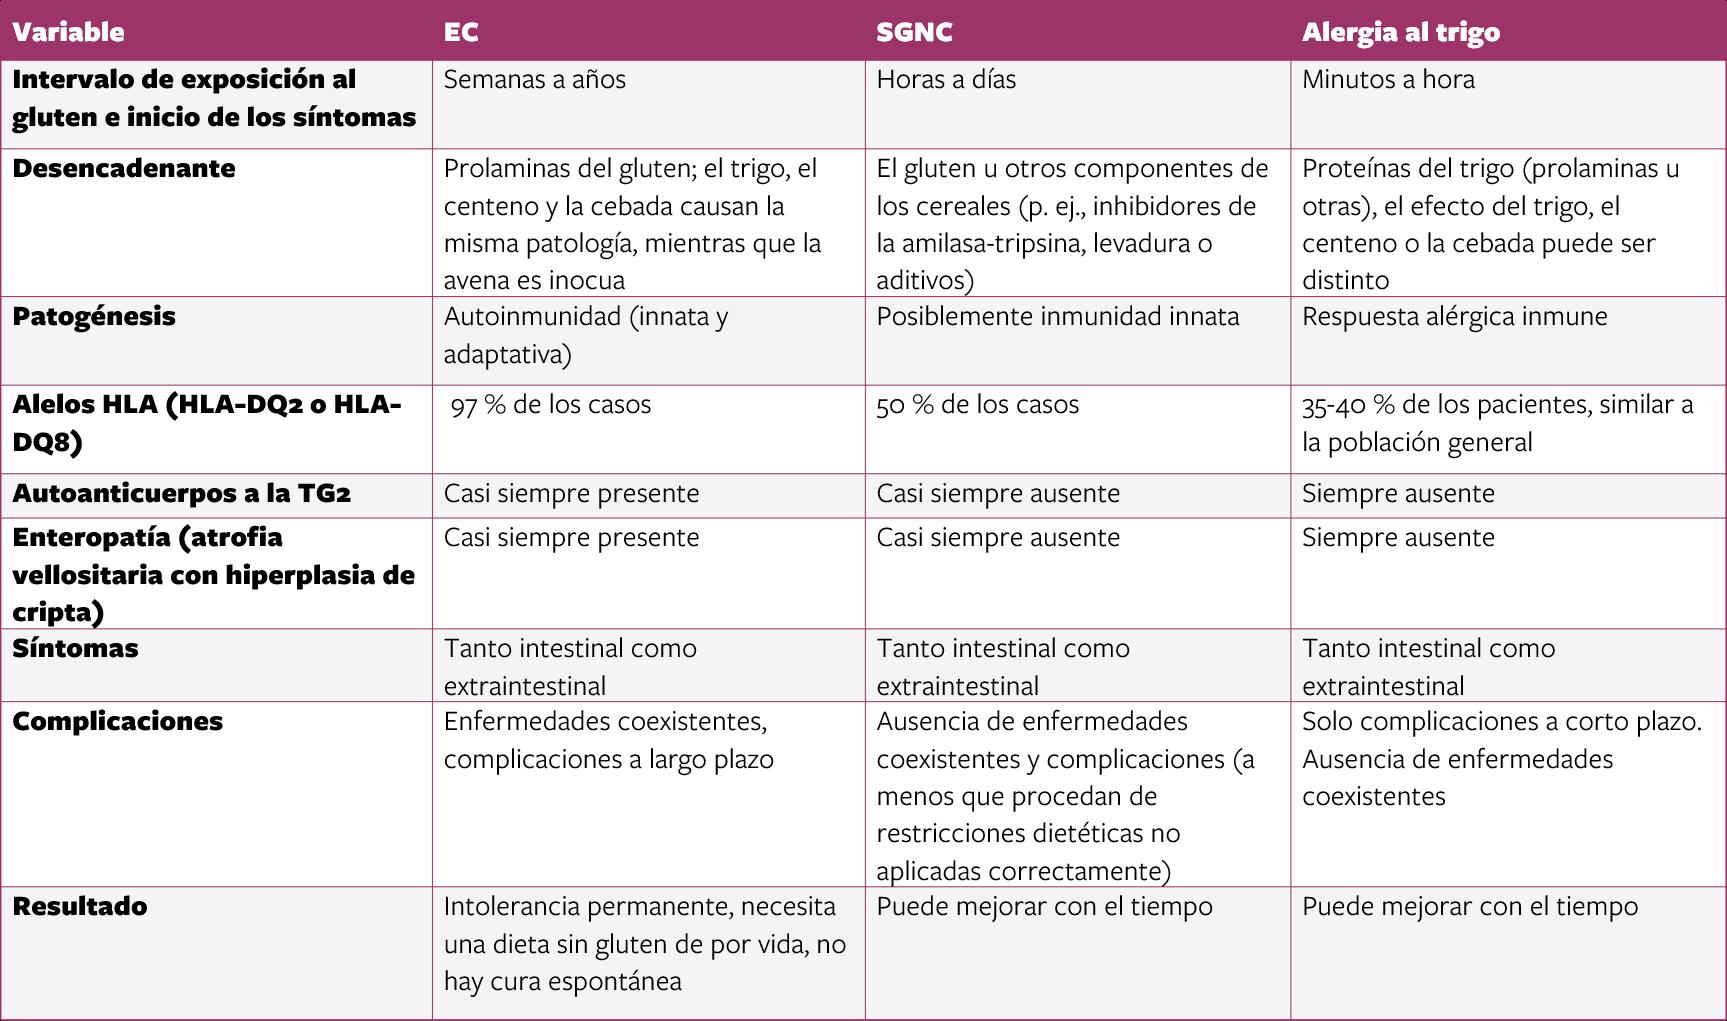 Tabla de diferencias clínicas y patogénicas entre la EC